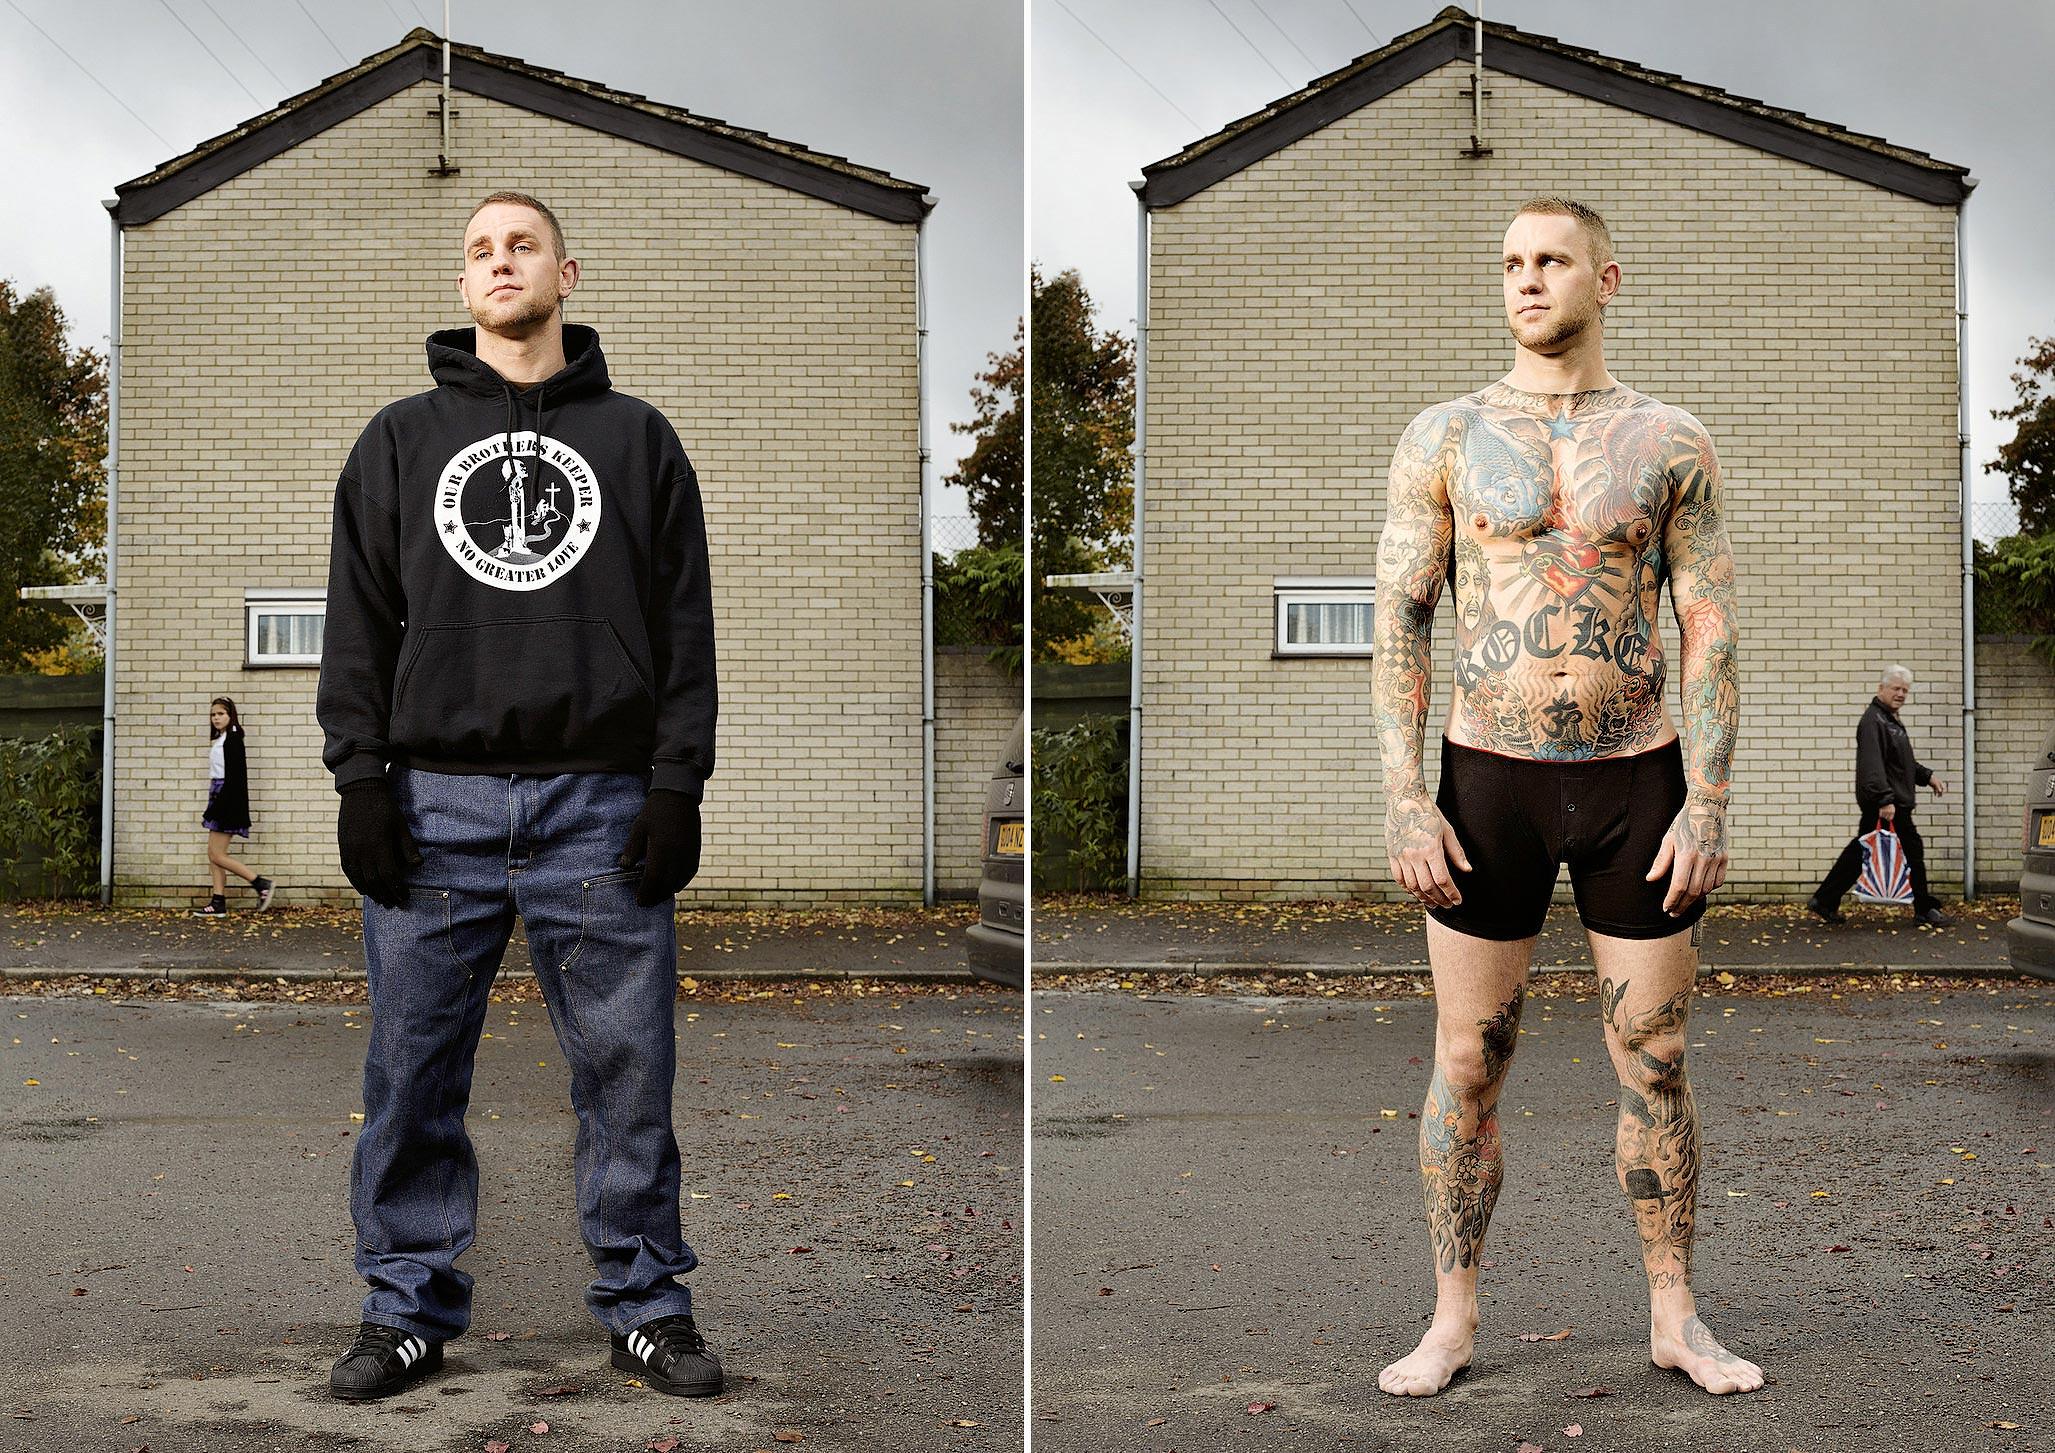 052 14 фото английских любителей тату в одежде и без